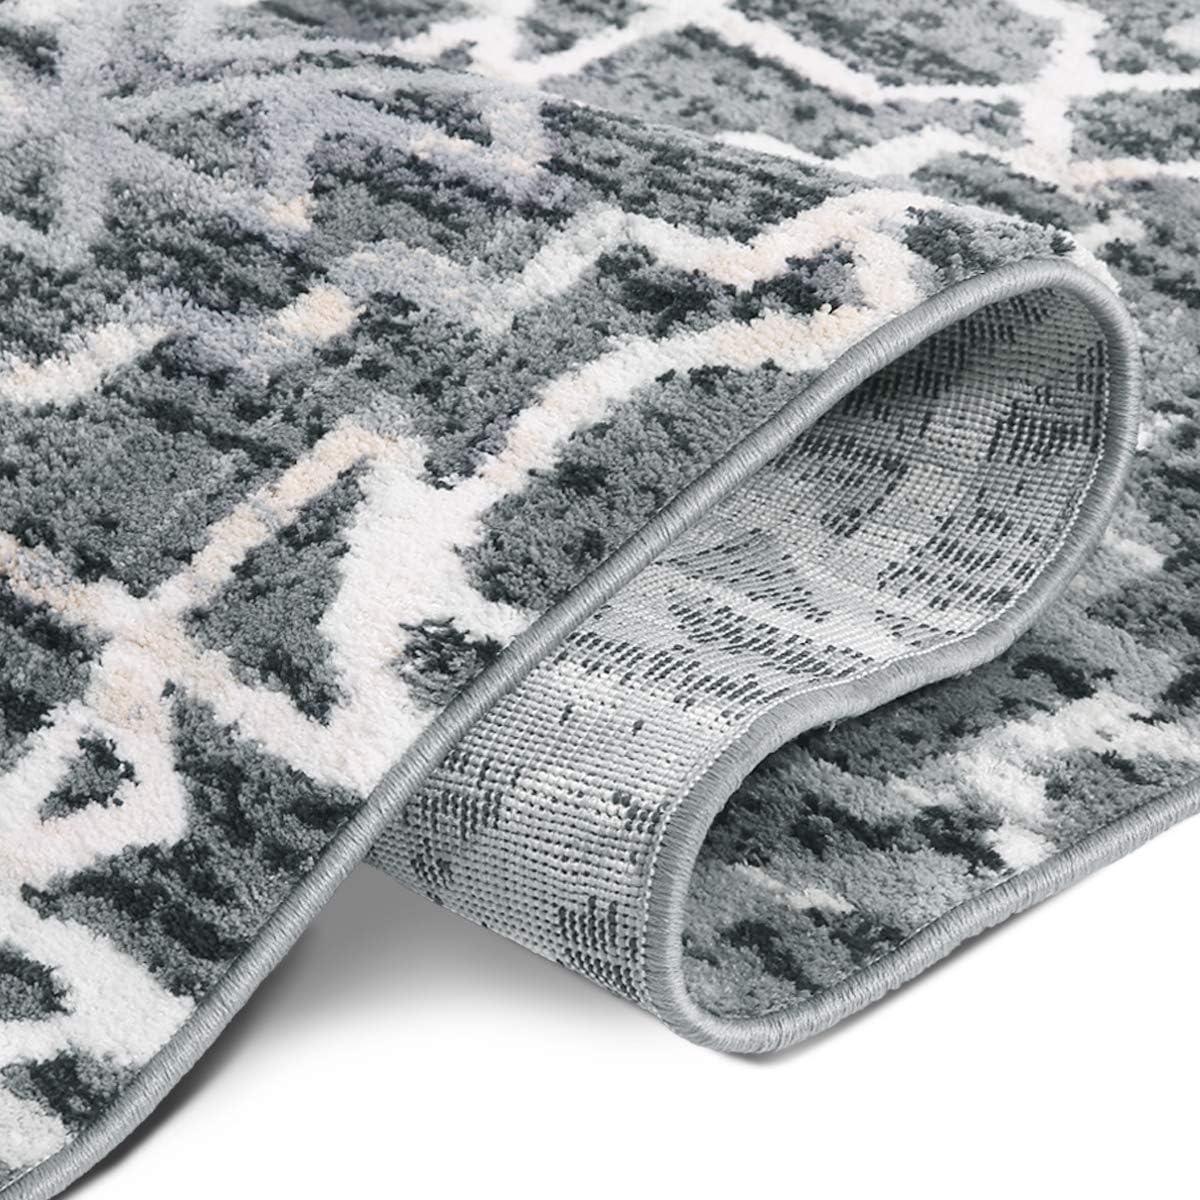 40 x 100 cm lavable a m/áquina extra larga MAYSHINE/® Alfombrilla de ducha antideslizante con peque/ñas ventosas color azul